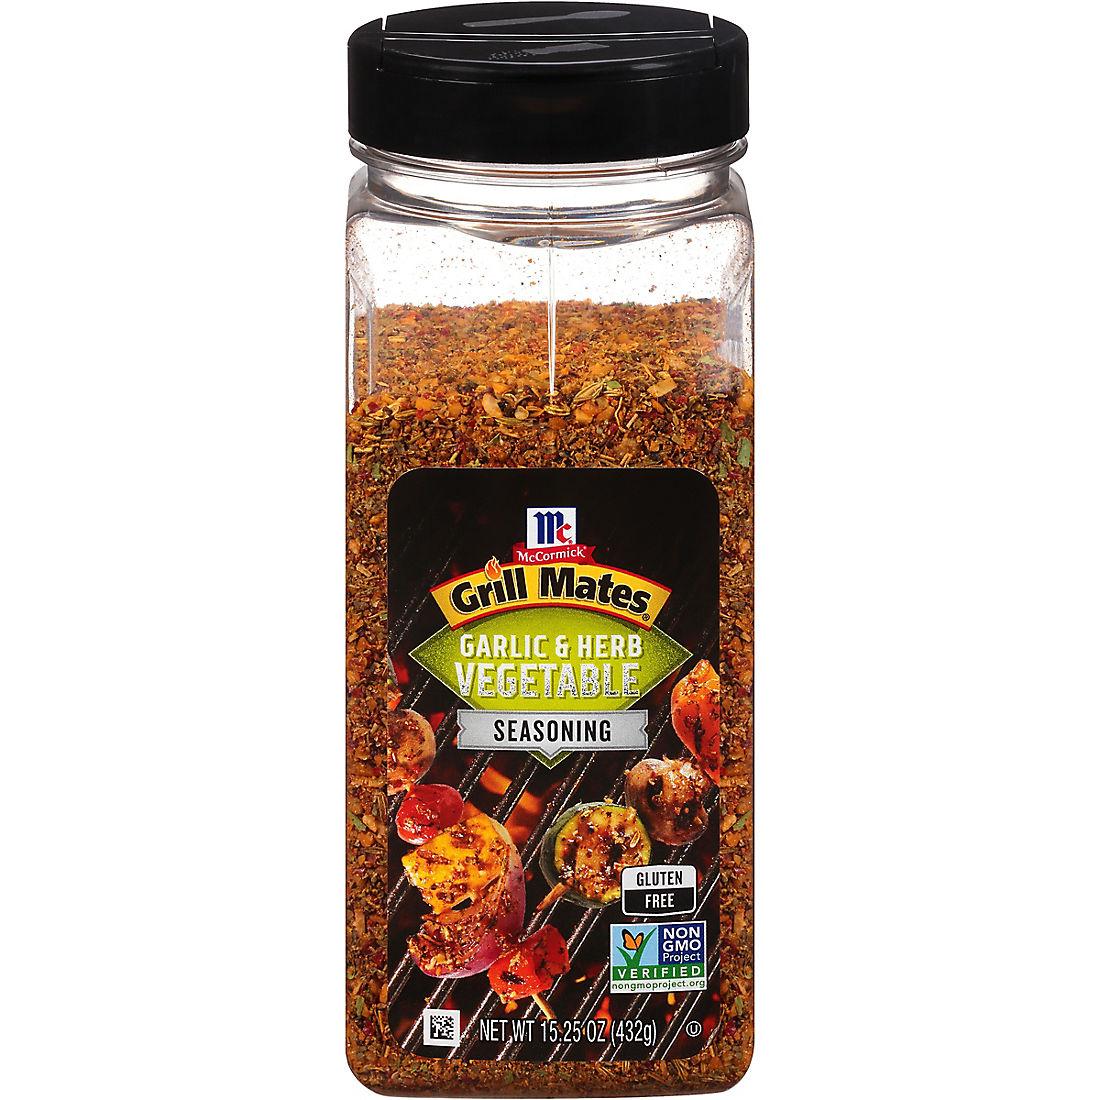 McCormick Grill Mates Roasted Garlic and Herb Seasoning, 15 oz